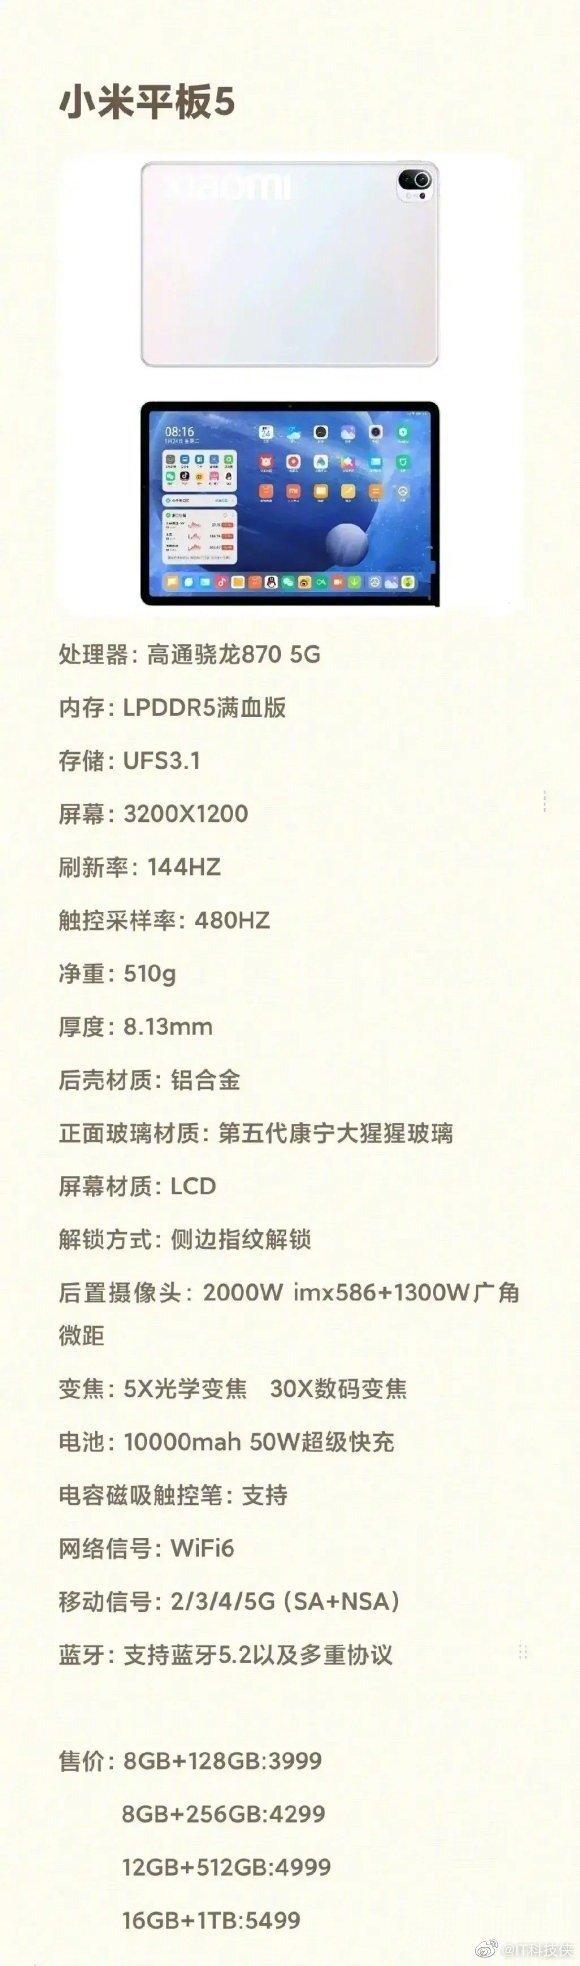 Mi Pad 5 1 580x1966x